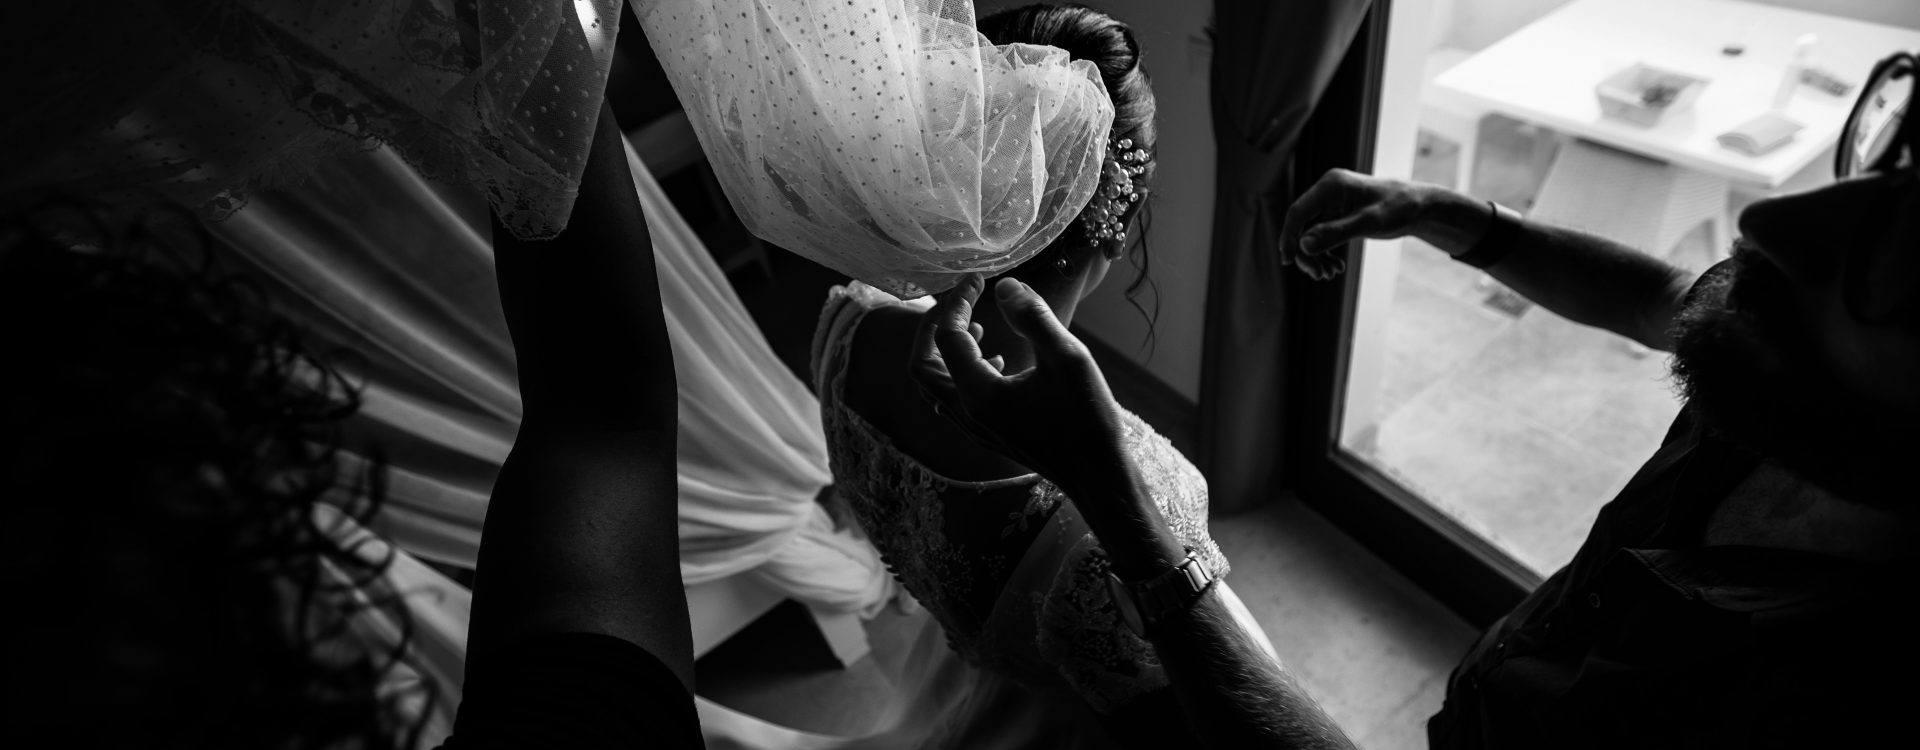 mariage juif cacher